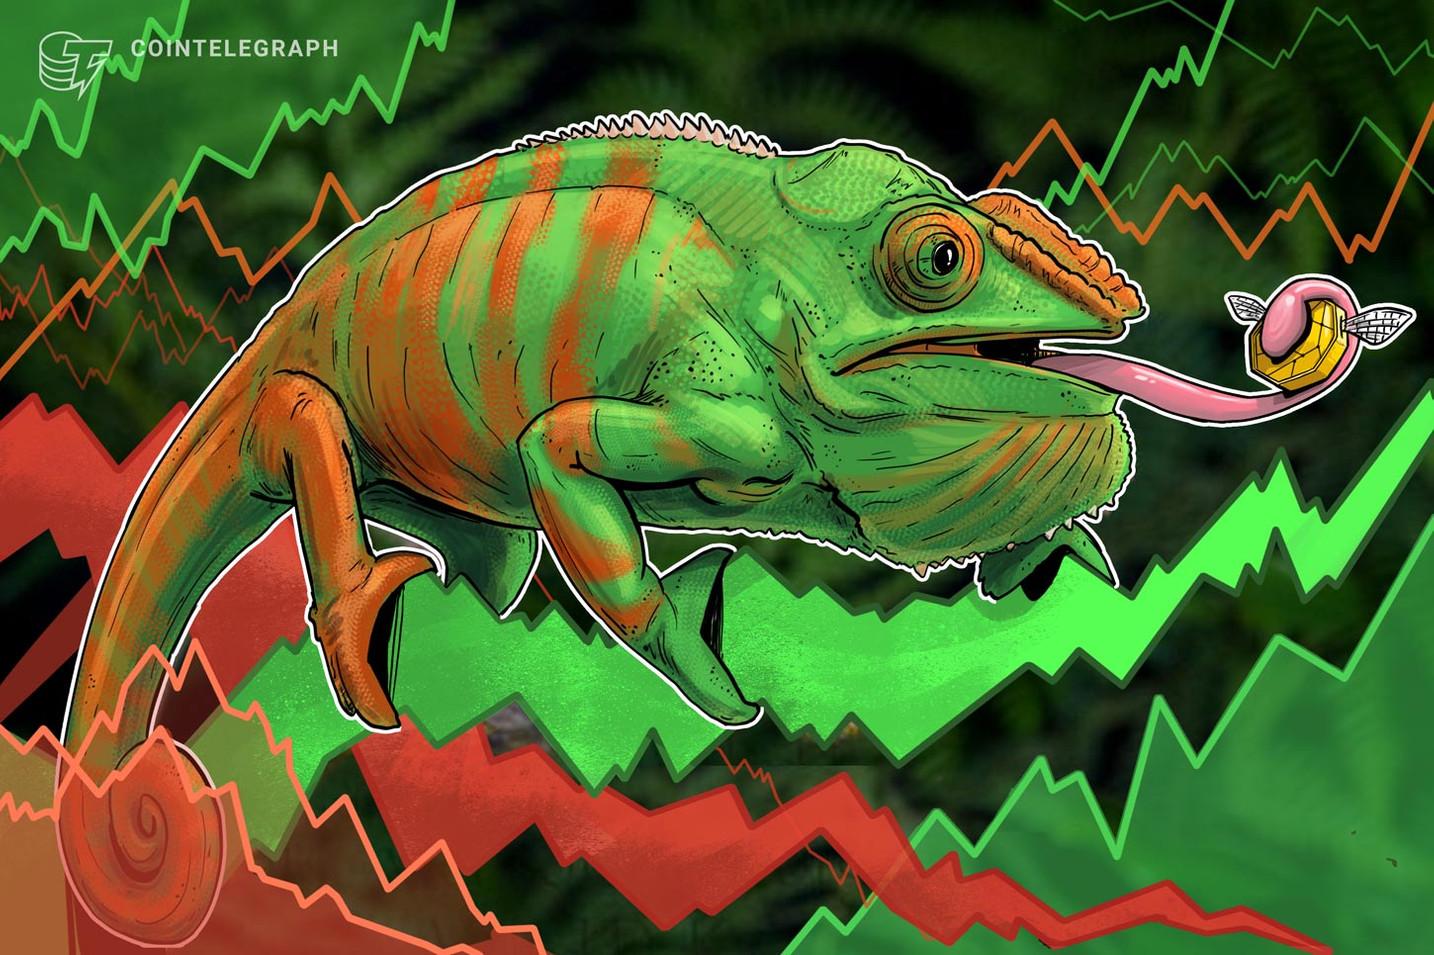 أسواق العملات المشفرة تشهد إشارات مختلطة، وبيتكوين لا يزال فوق ٤٠٠٠ دولار